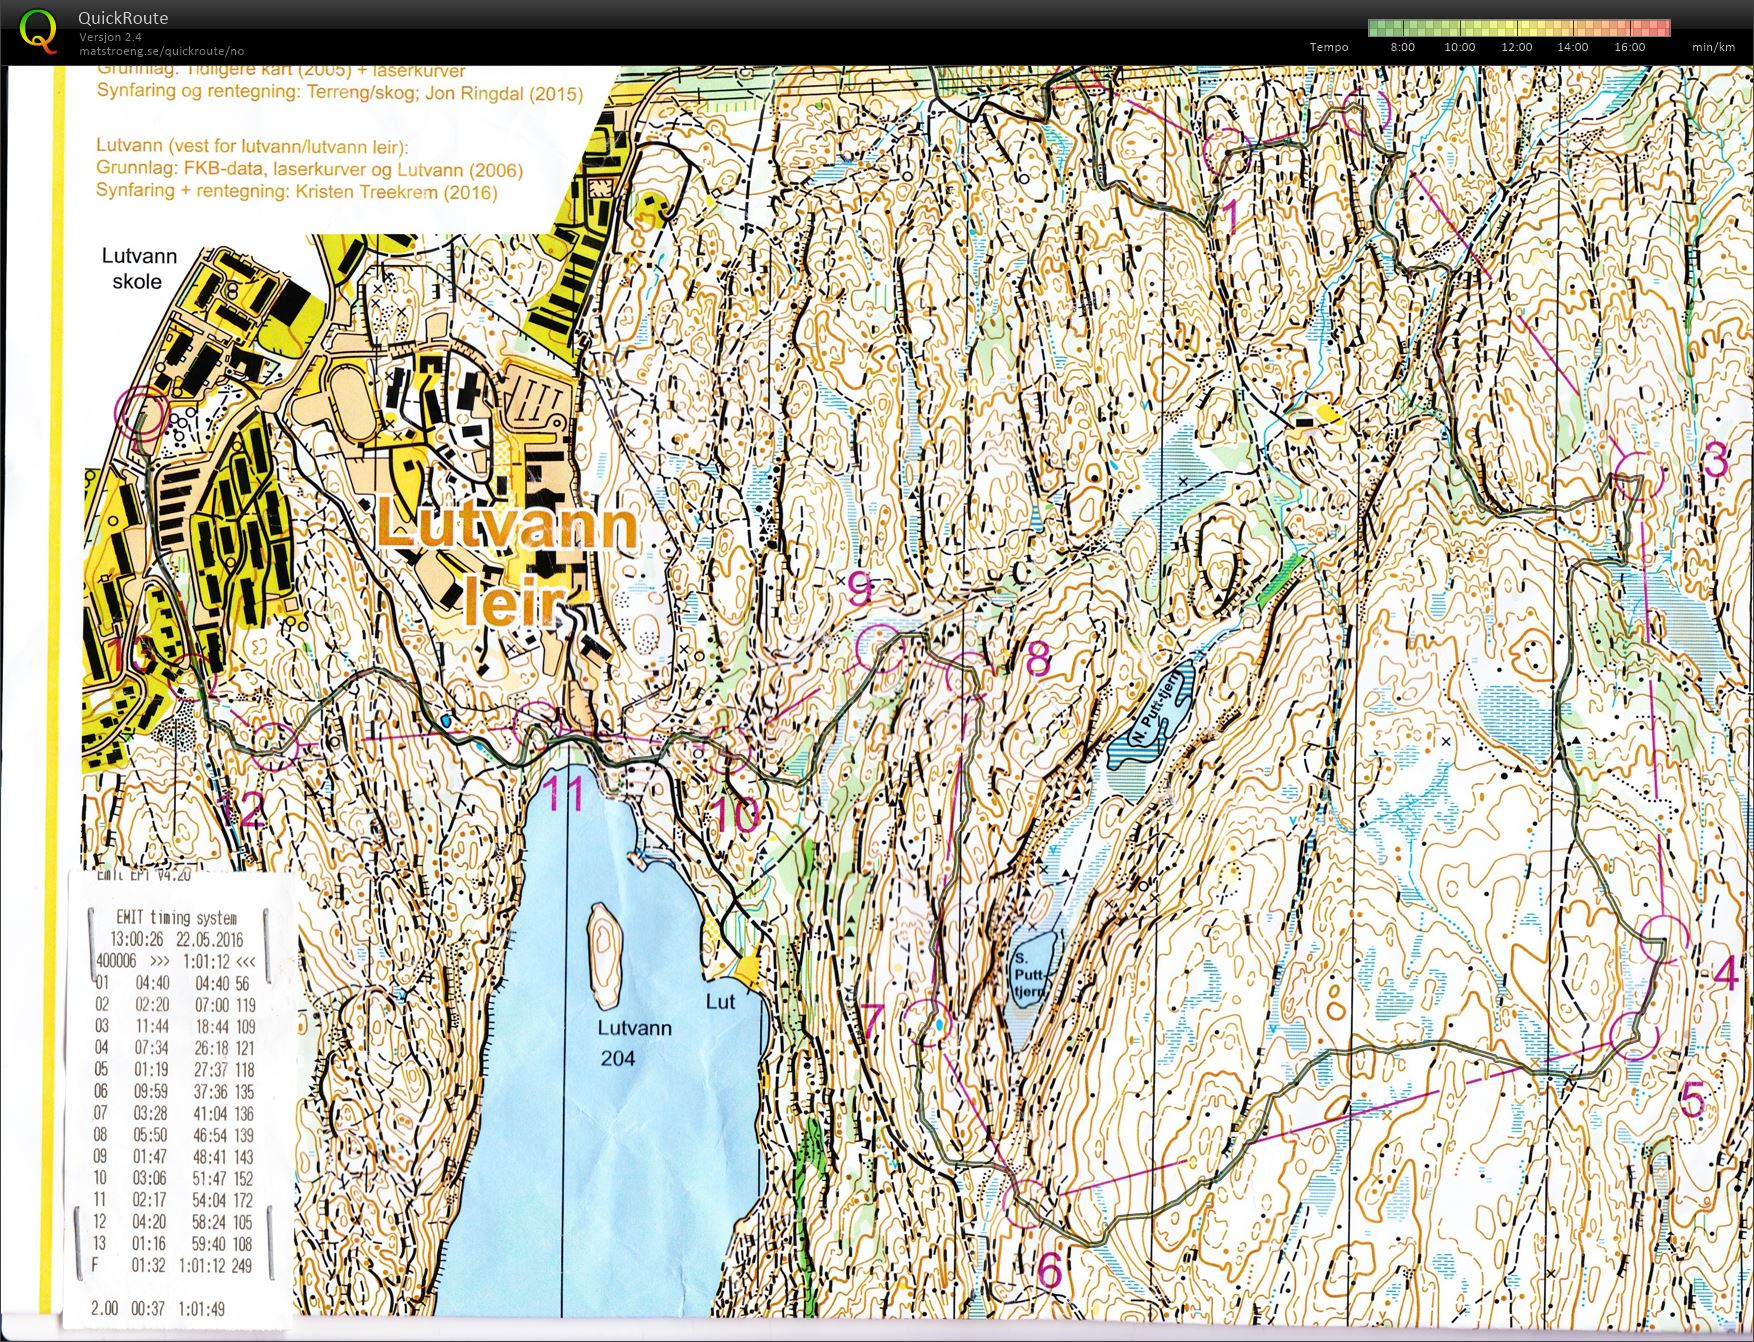 lutvann leir kart Mortens digitale veivalgsarkiv :: Knut Valstads minneløp, Lutvann  lutvann leir kart